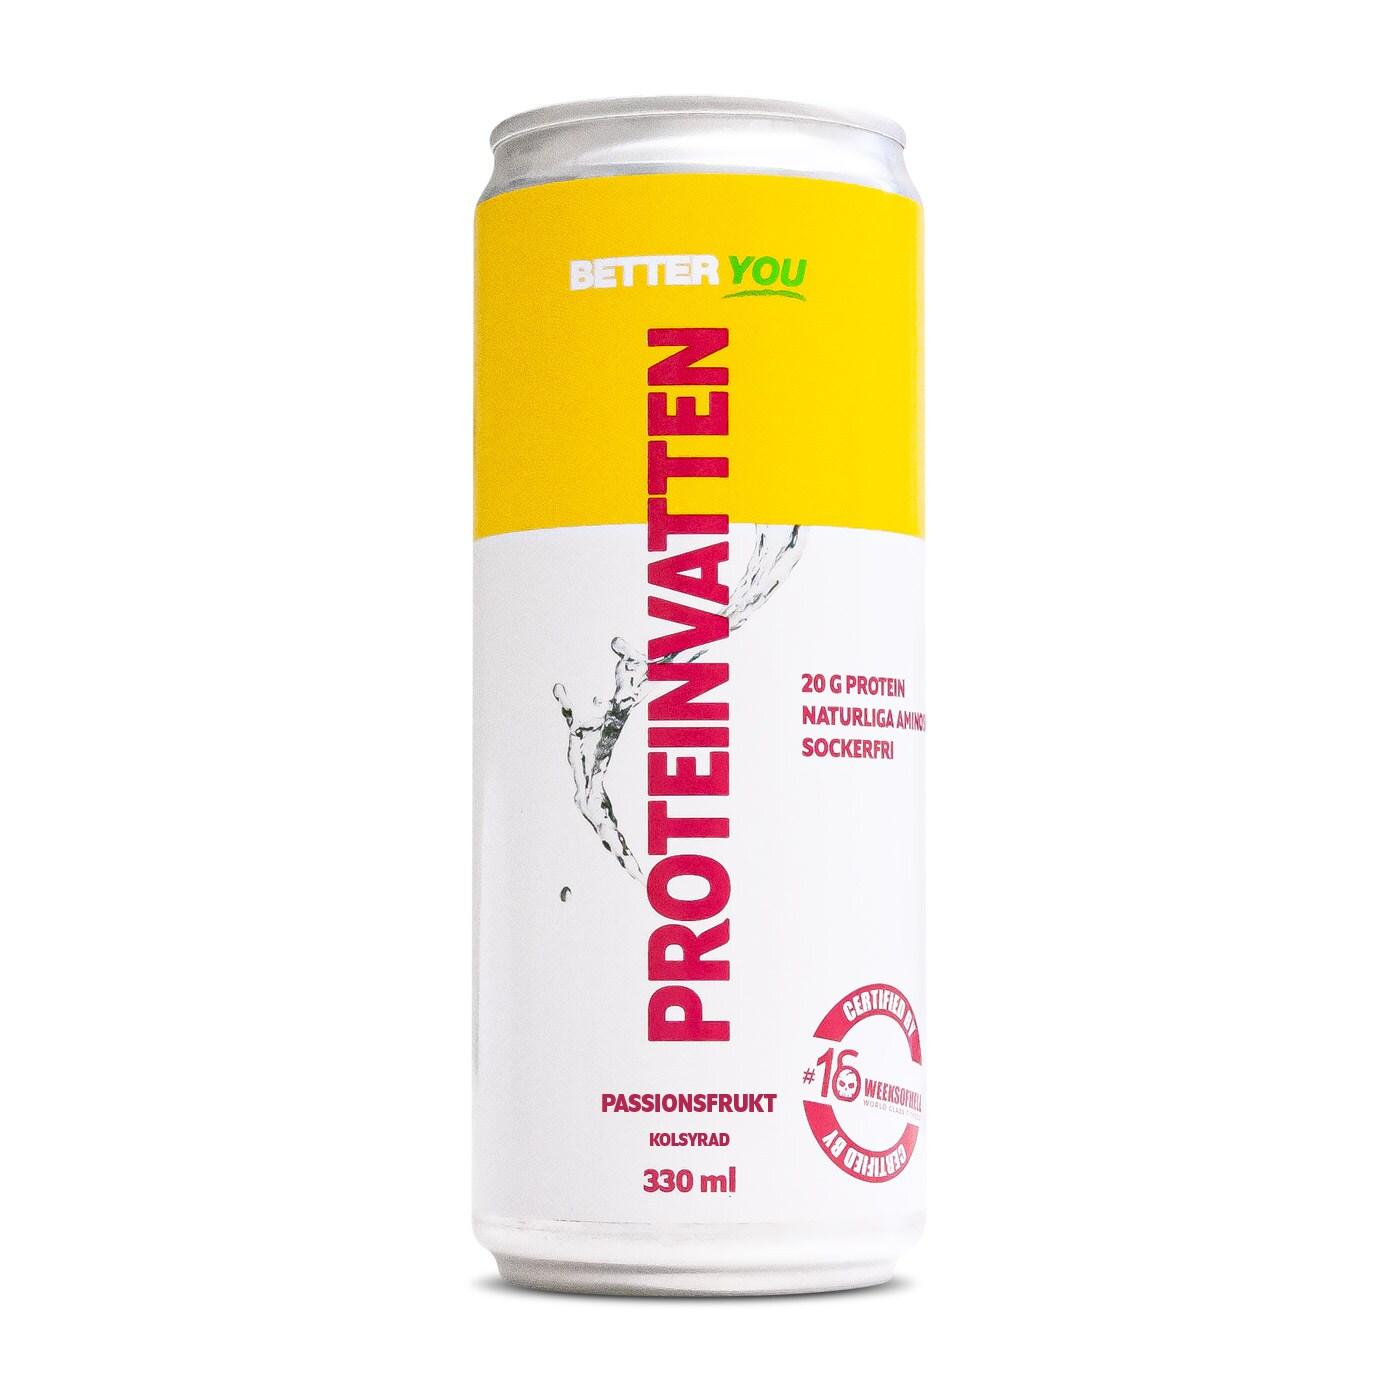 Proteinvatten - 24-pack